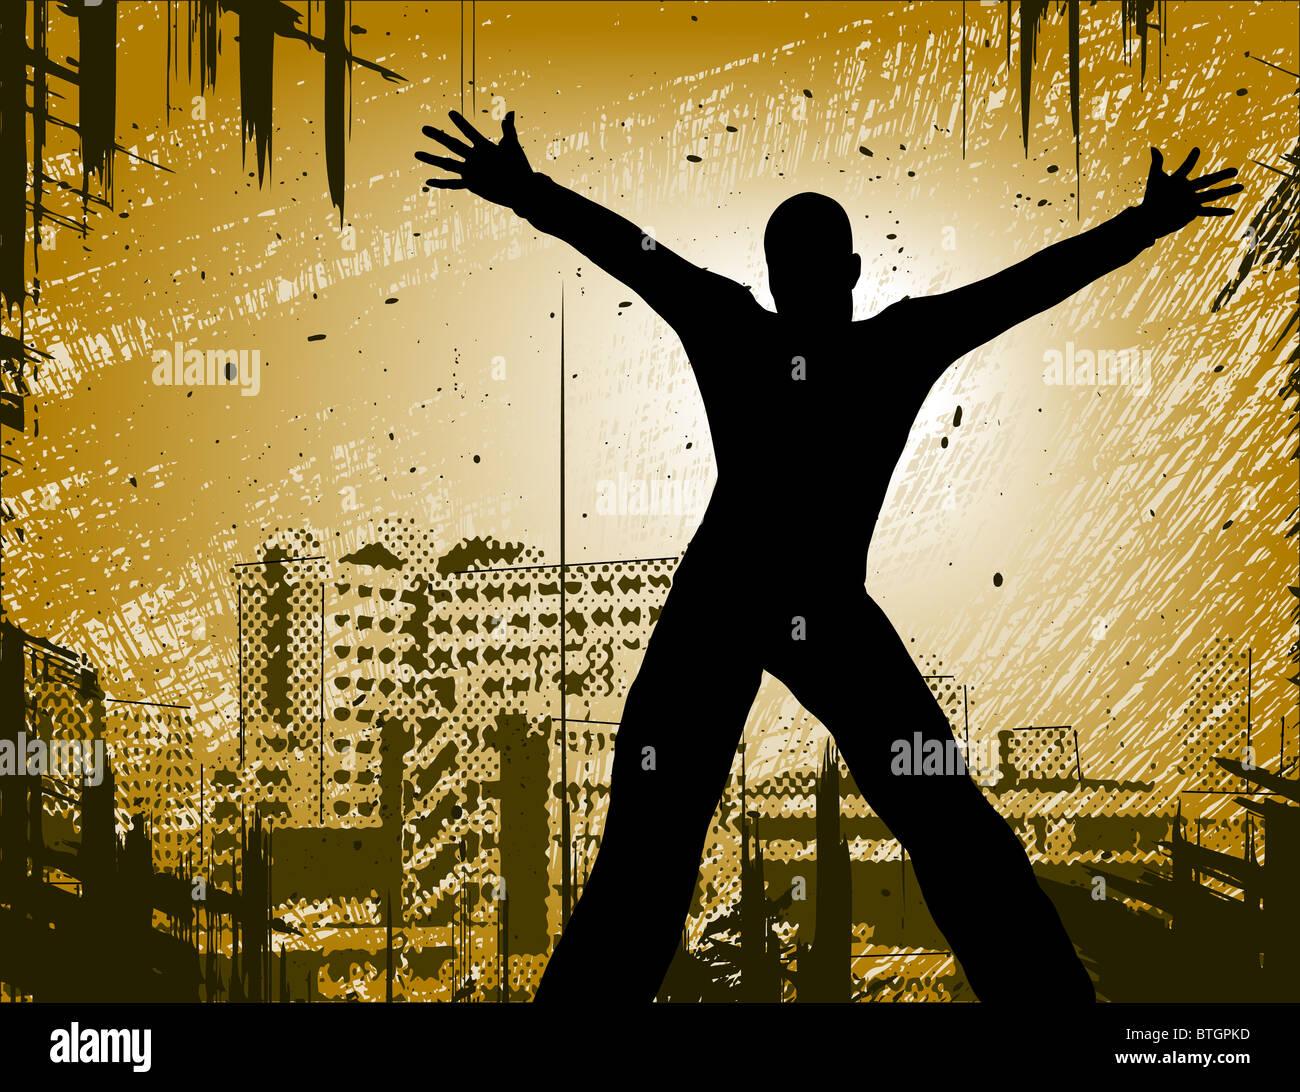 Se ilustra el diseño de un hombre en una ciudad con grunge Imagen De Stock